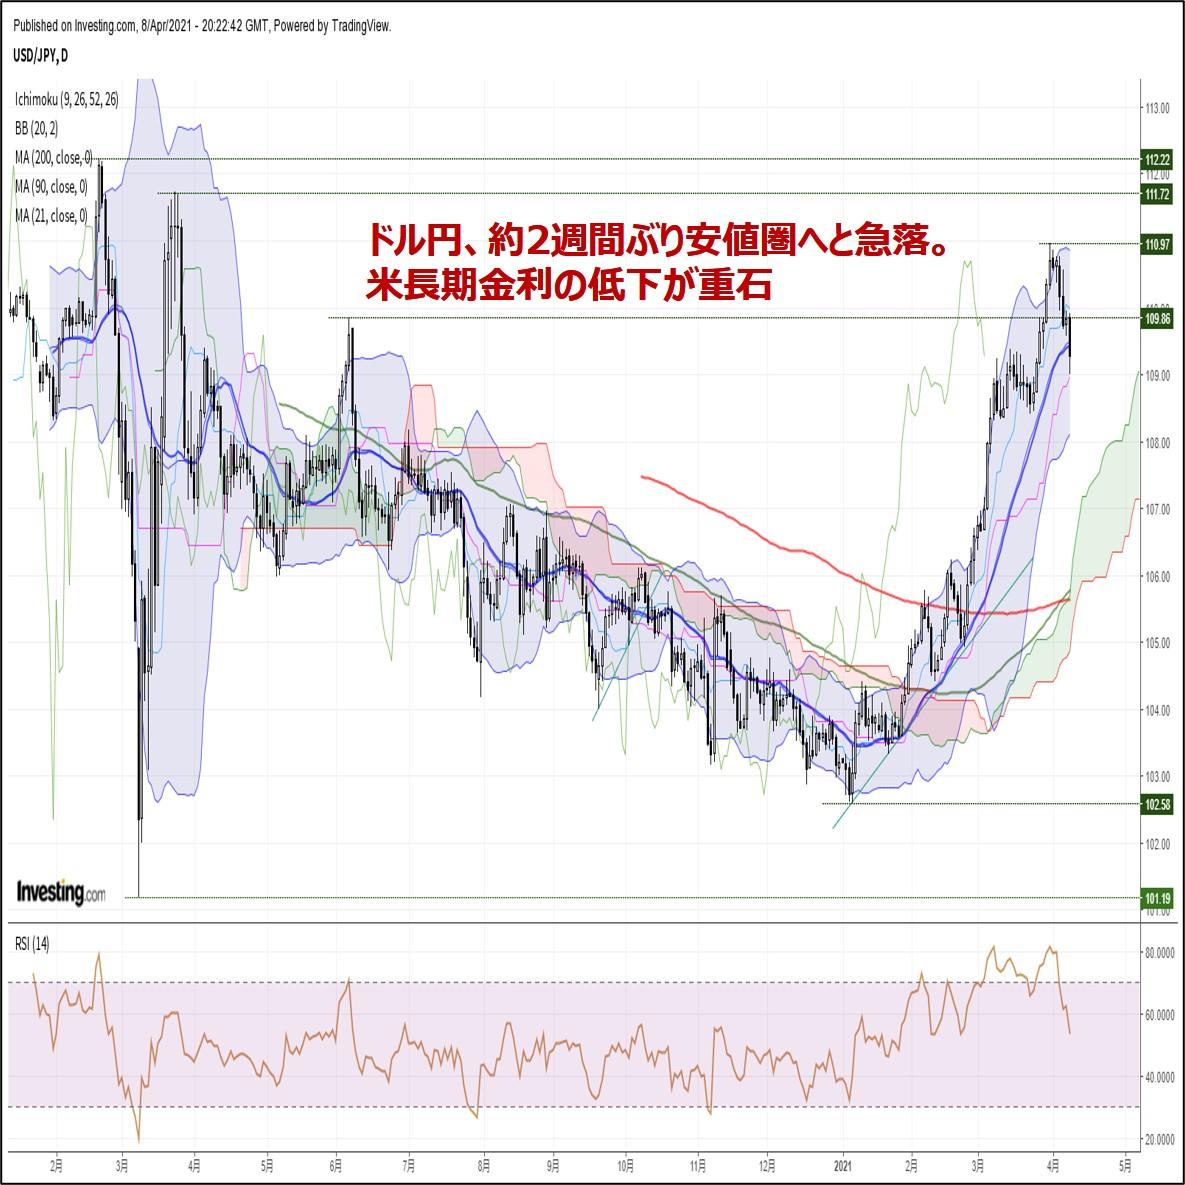 ドル円、約2週間ぶり安値圏へと急落。米長期金利の低下が重石